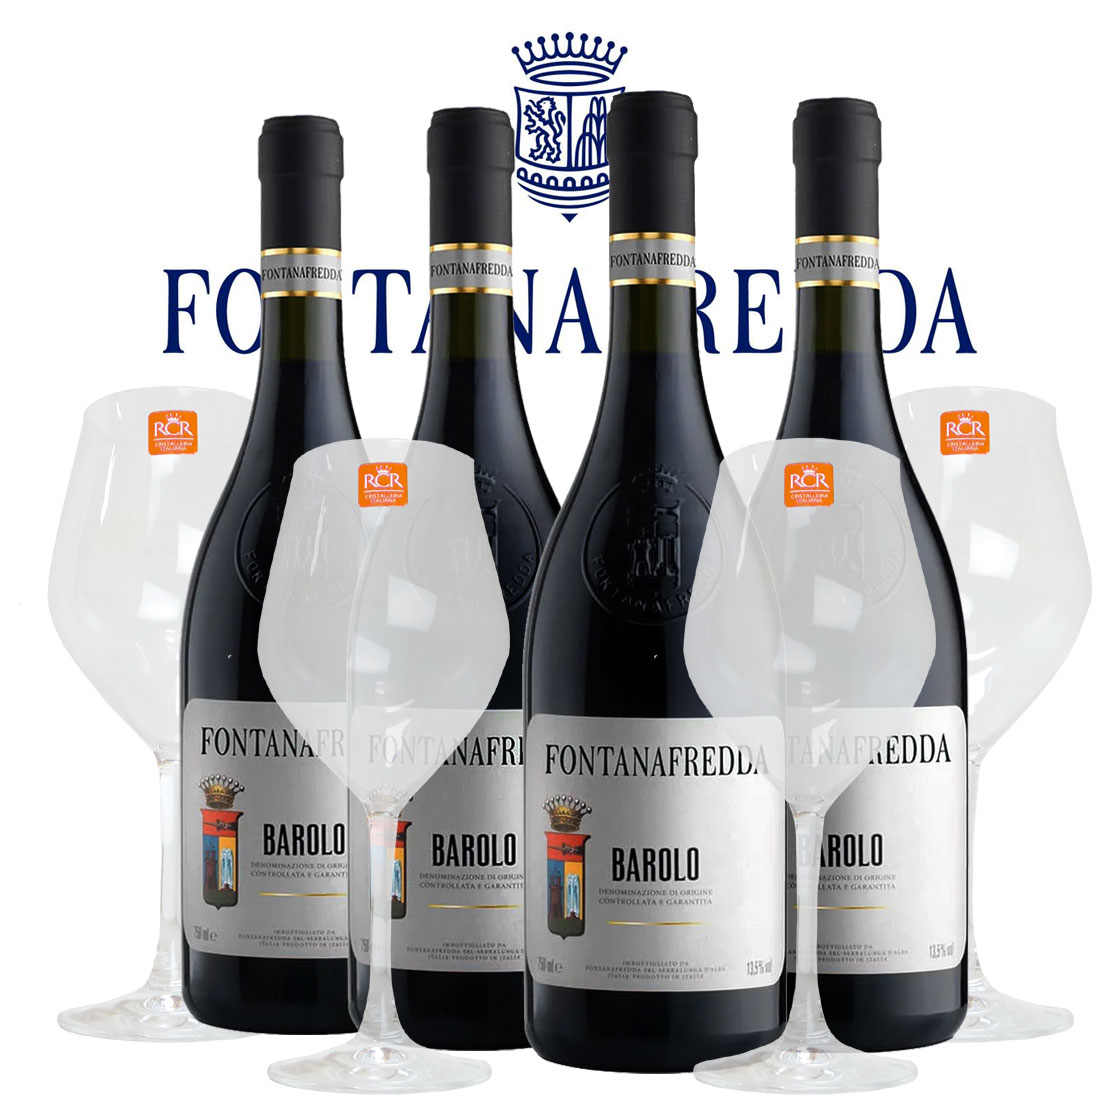 バローロ 2015年 フォンタナフレッダ 750ml×4本 クリスタルワイングラス4脚セット 正規 (イタリア 赤ワイン)